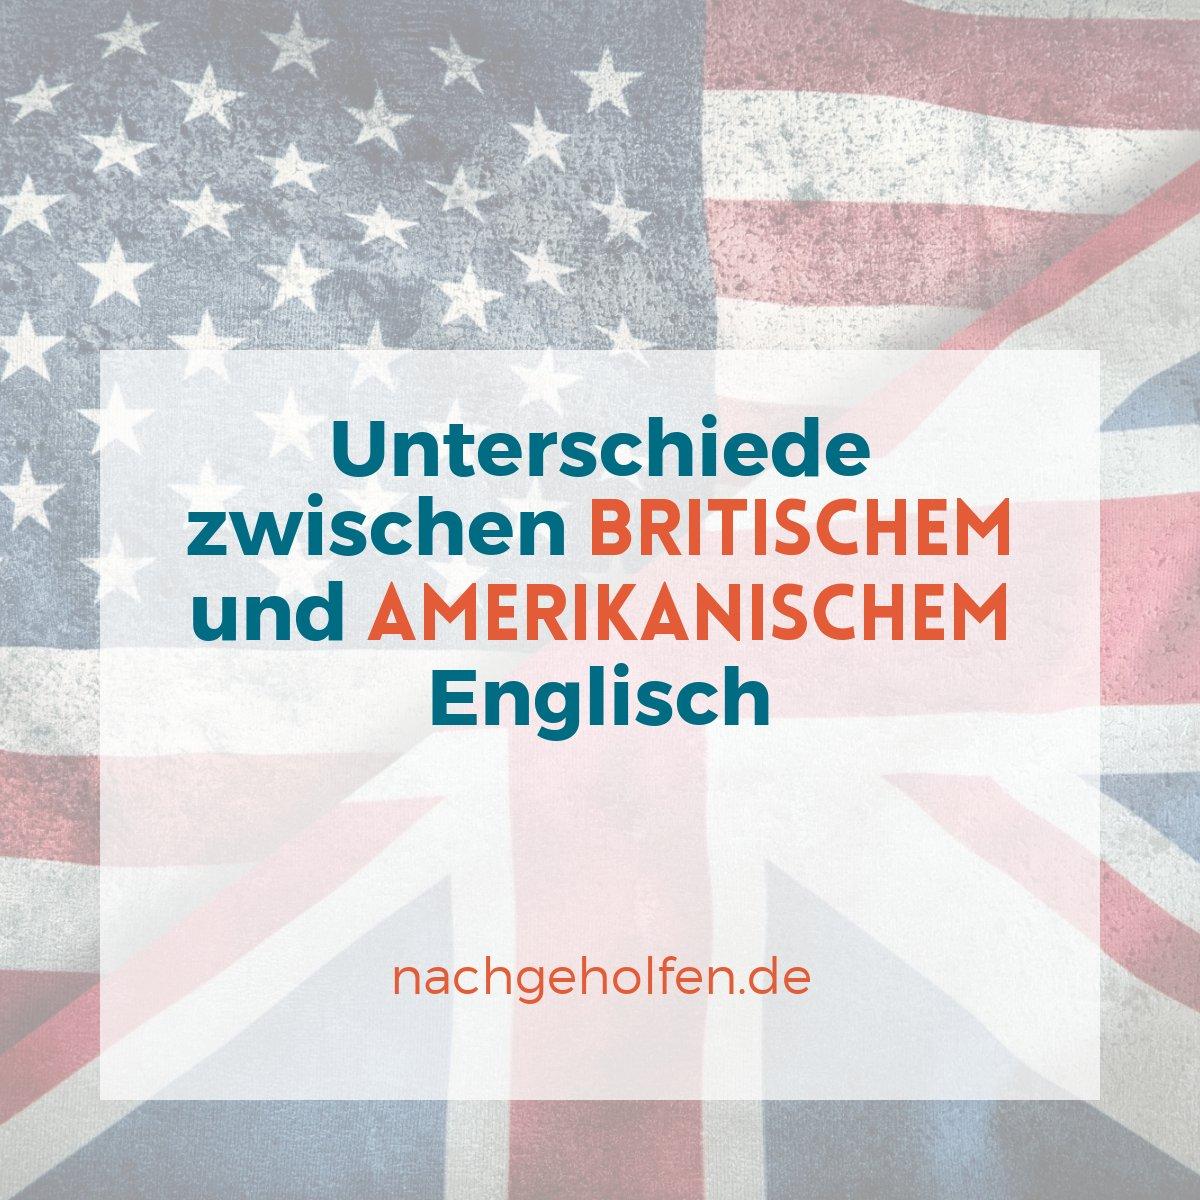 Wenigstens Auf Englisch